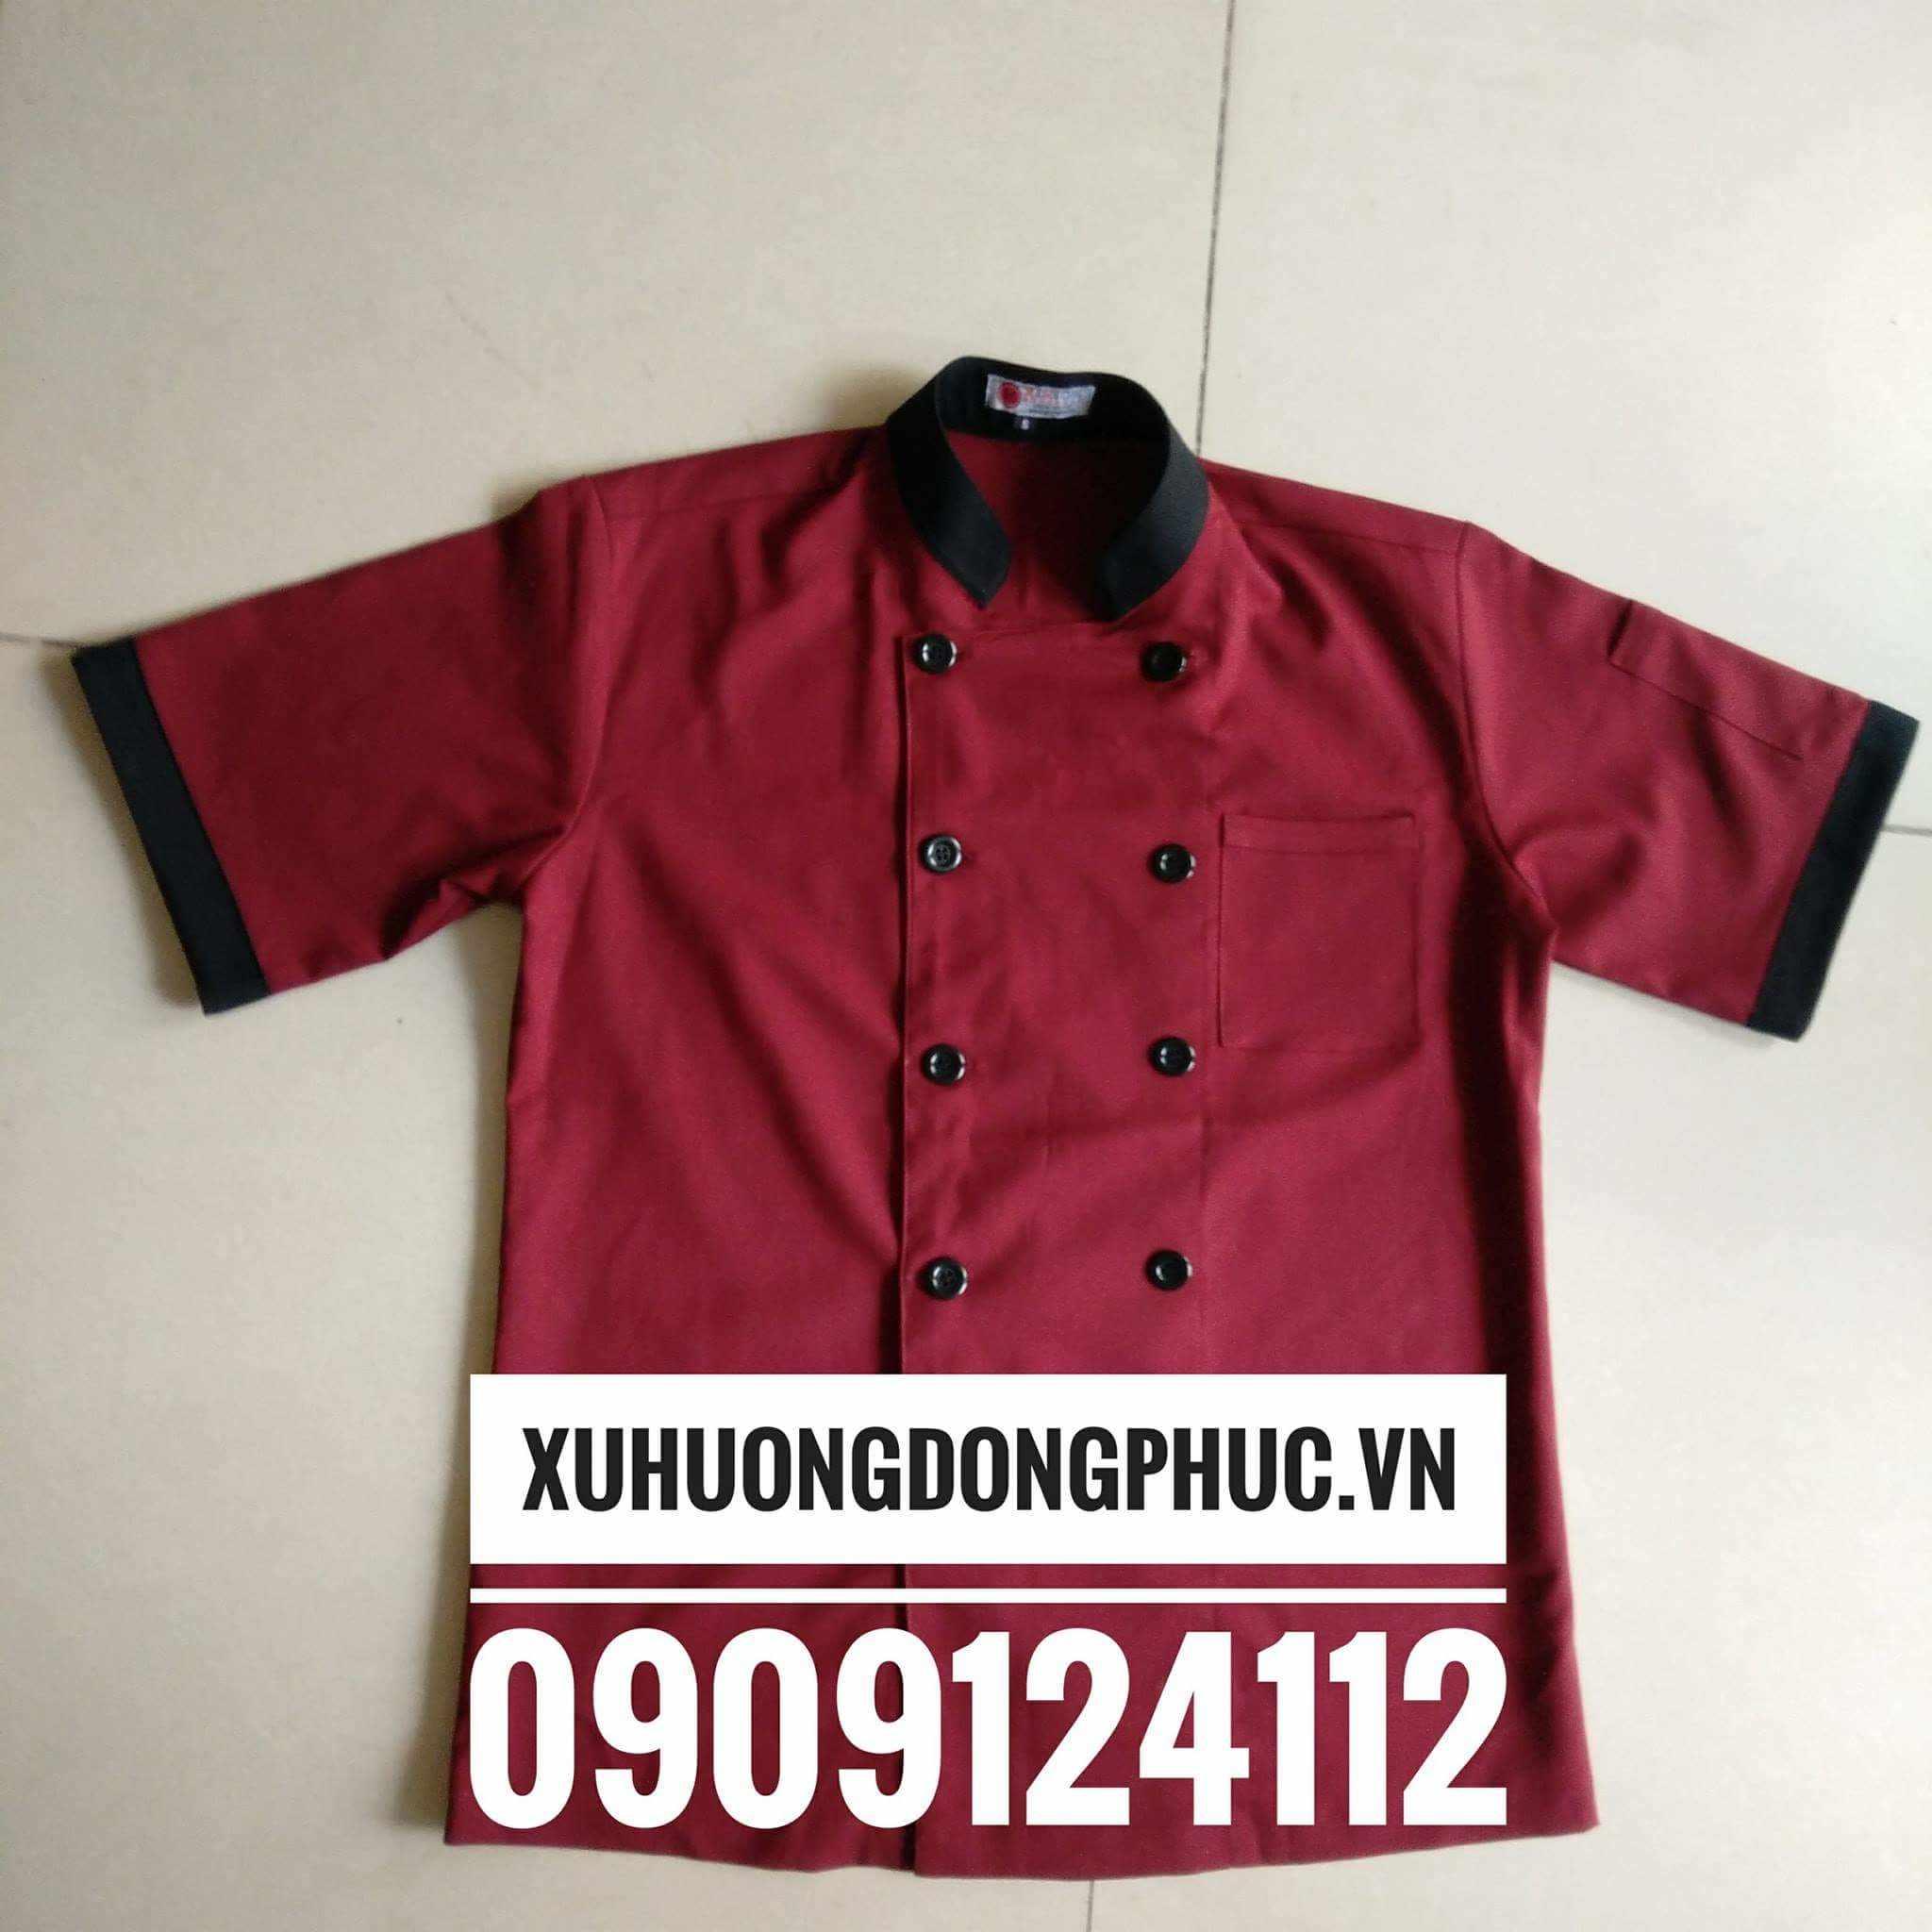 Áo bếp nam đỏ đô phối đen kaki thun dày